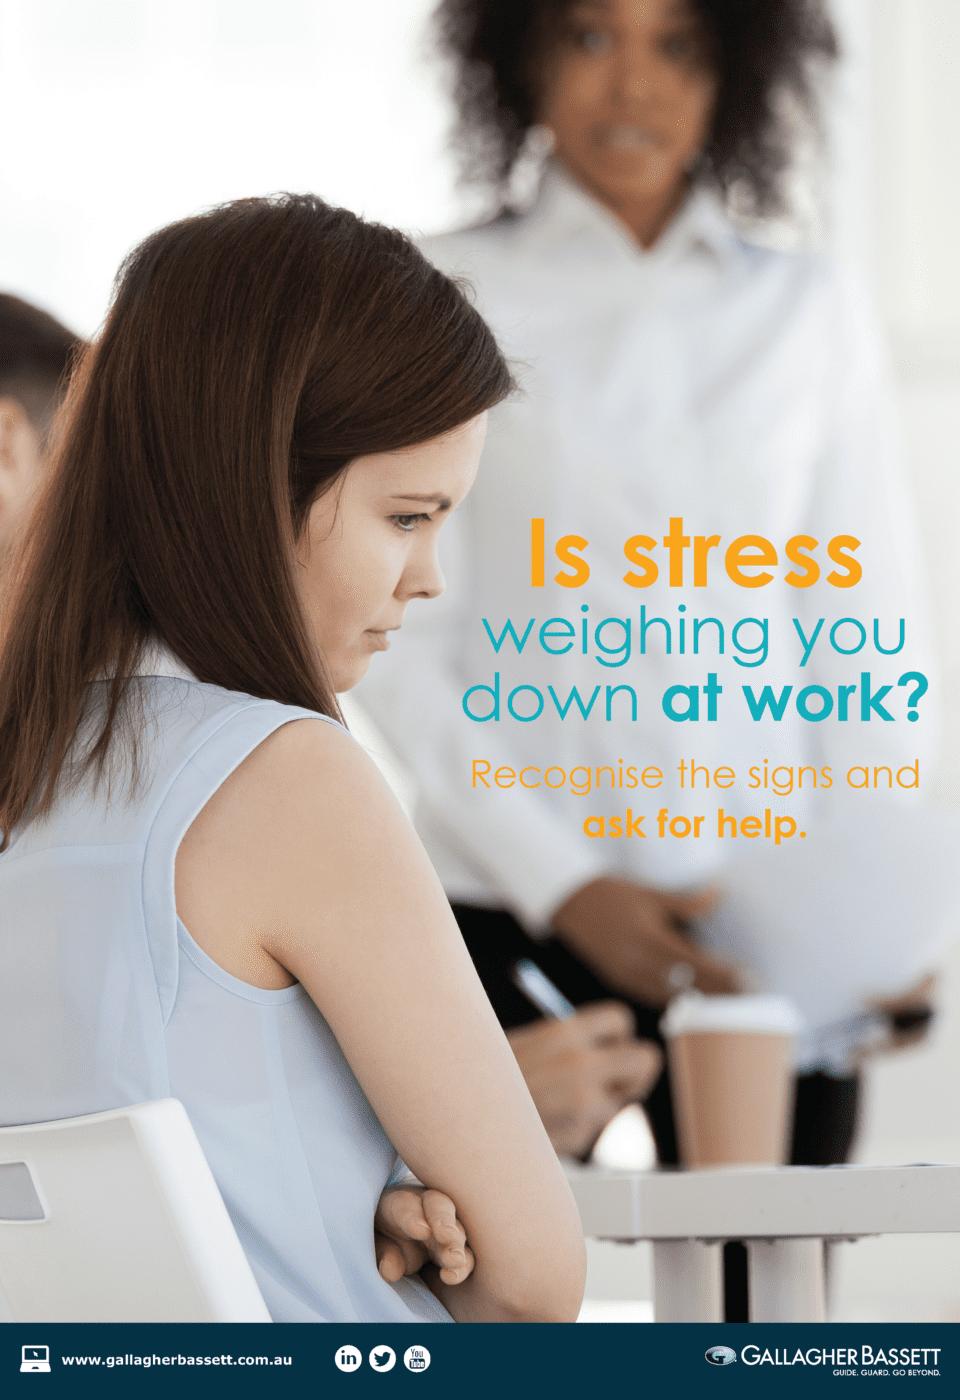 poster workplace stress gallagher bassett